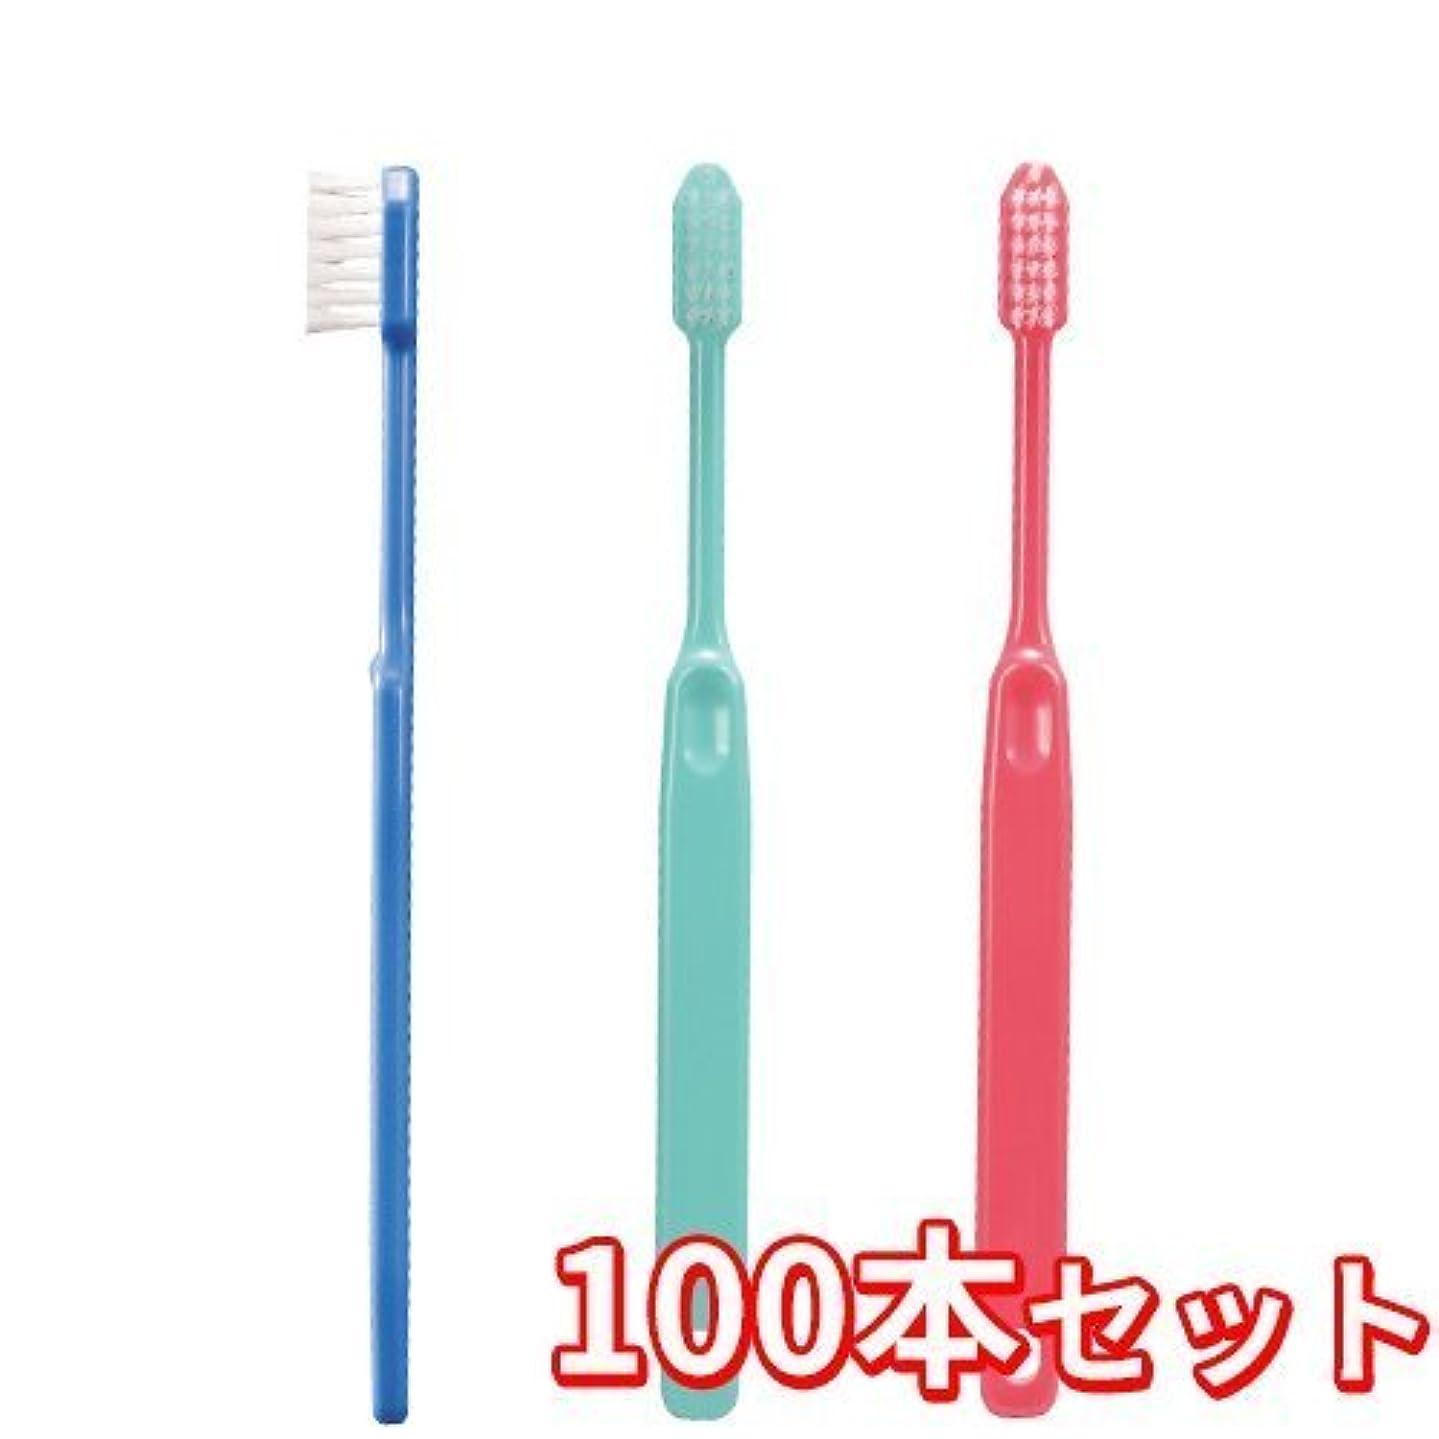 マルクス主義者毎年細分化するCiメディカル 歯ブラシ コンパクトヘッド 疎毛タイプ アソート 100本 (Ci23(やややわらかめ))